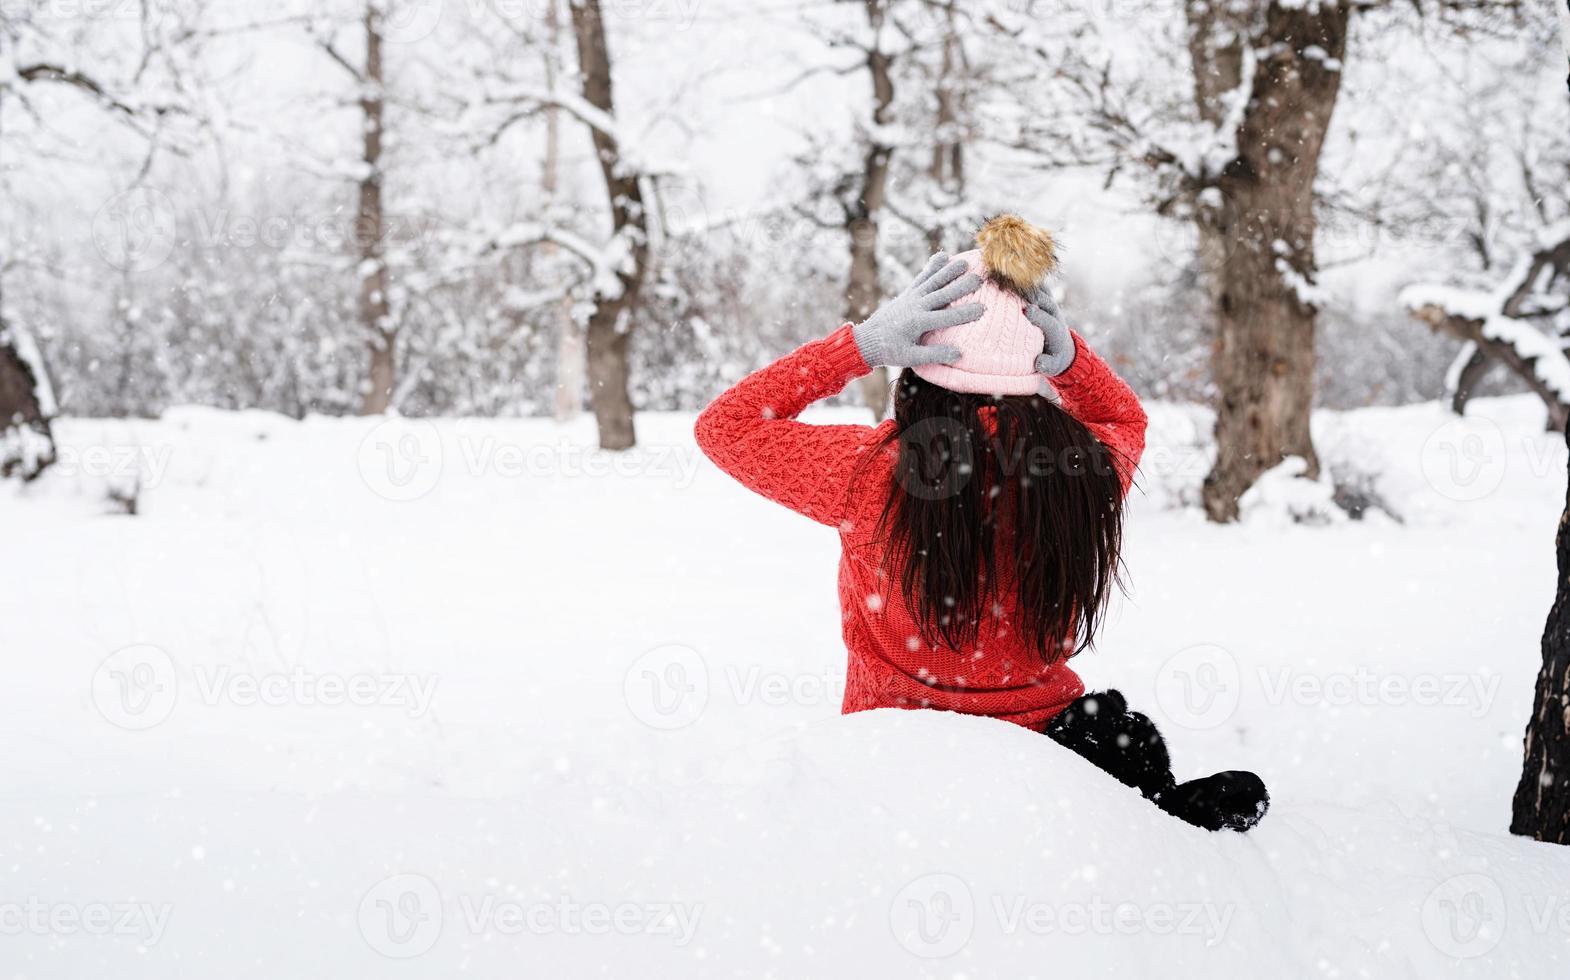 vue postérieure, de, brunette, séance femme, dans, snowy park, dans, chutes de neige photo